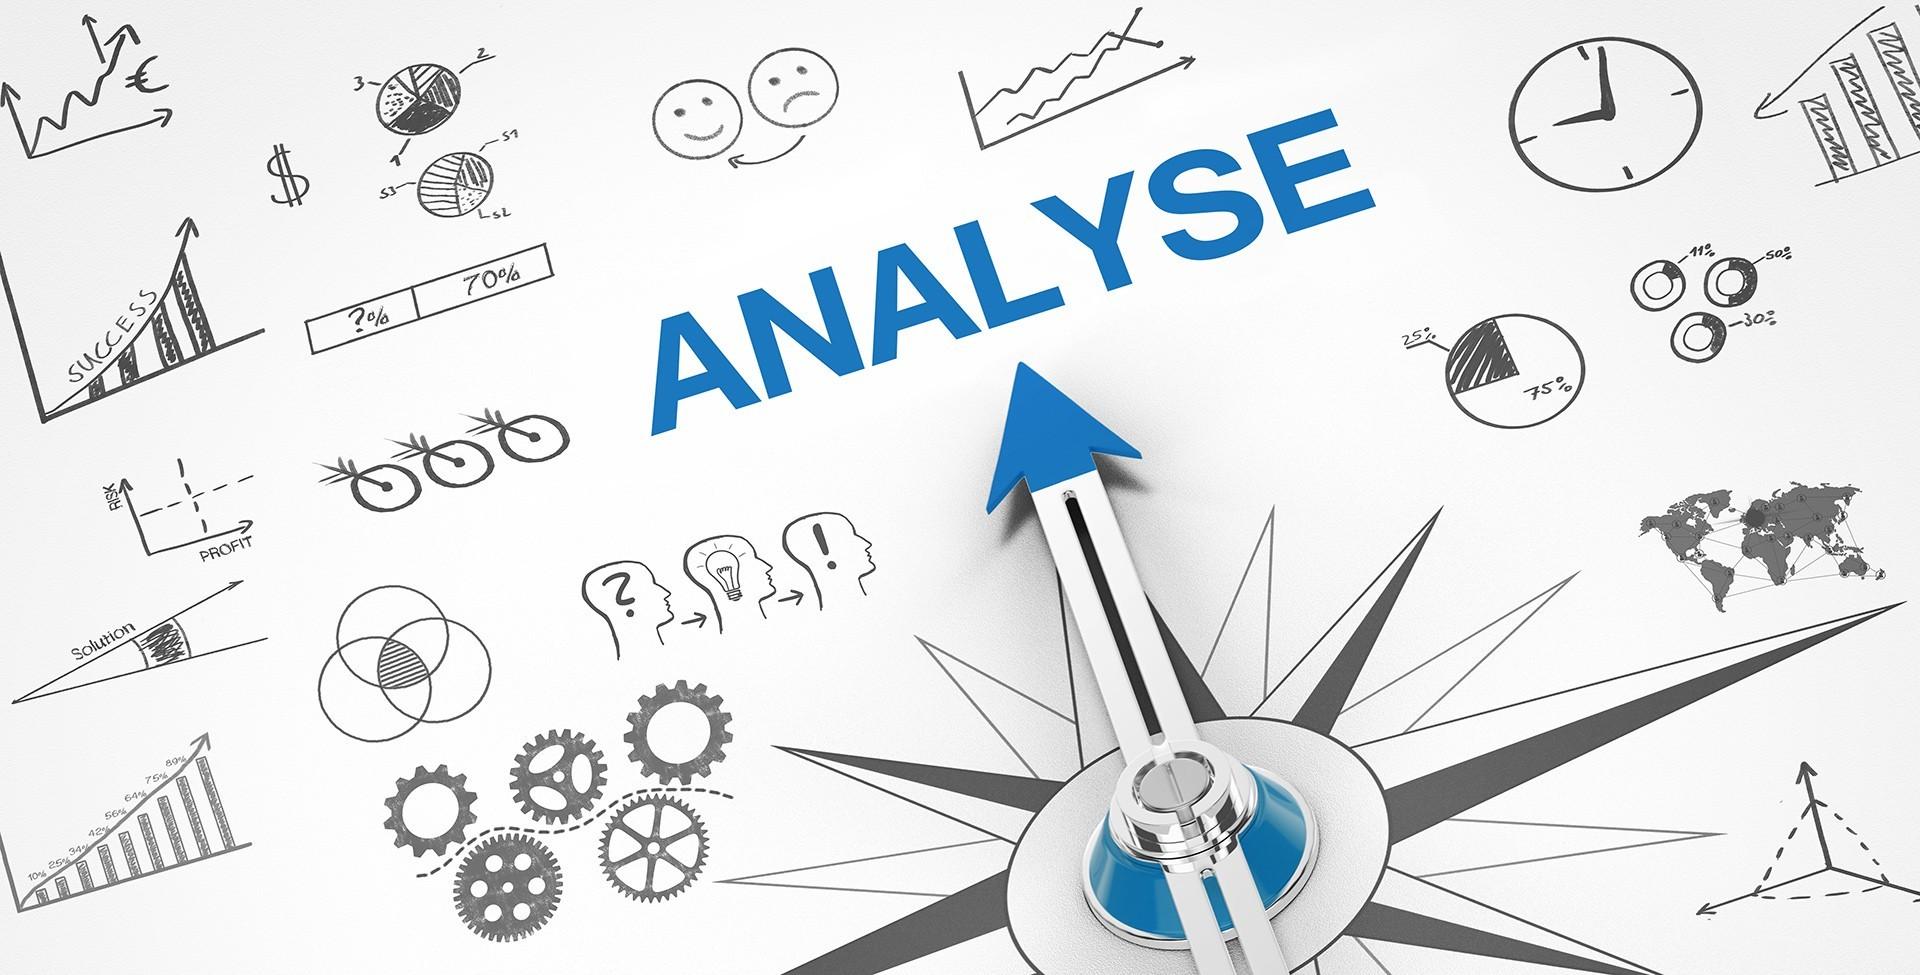 Ist-Analyse, Definition der Soll-Situation und des Bedarfs